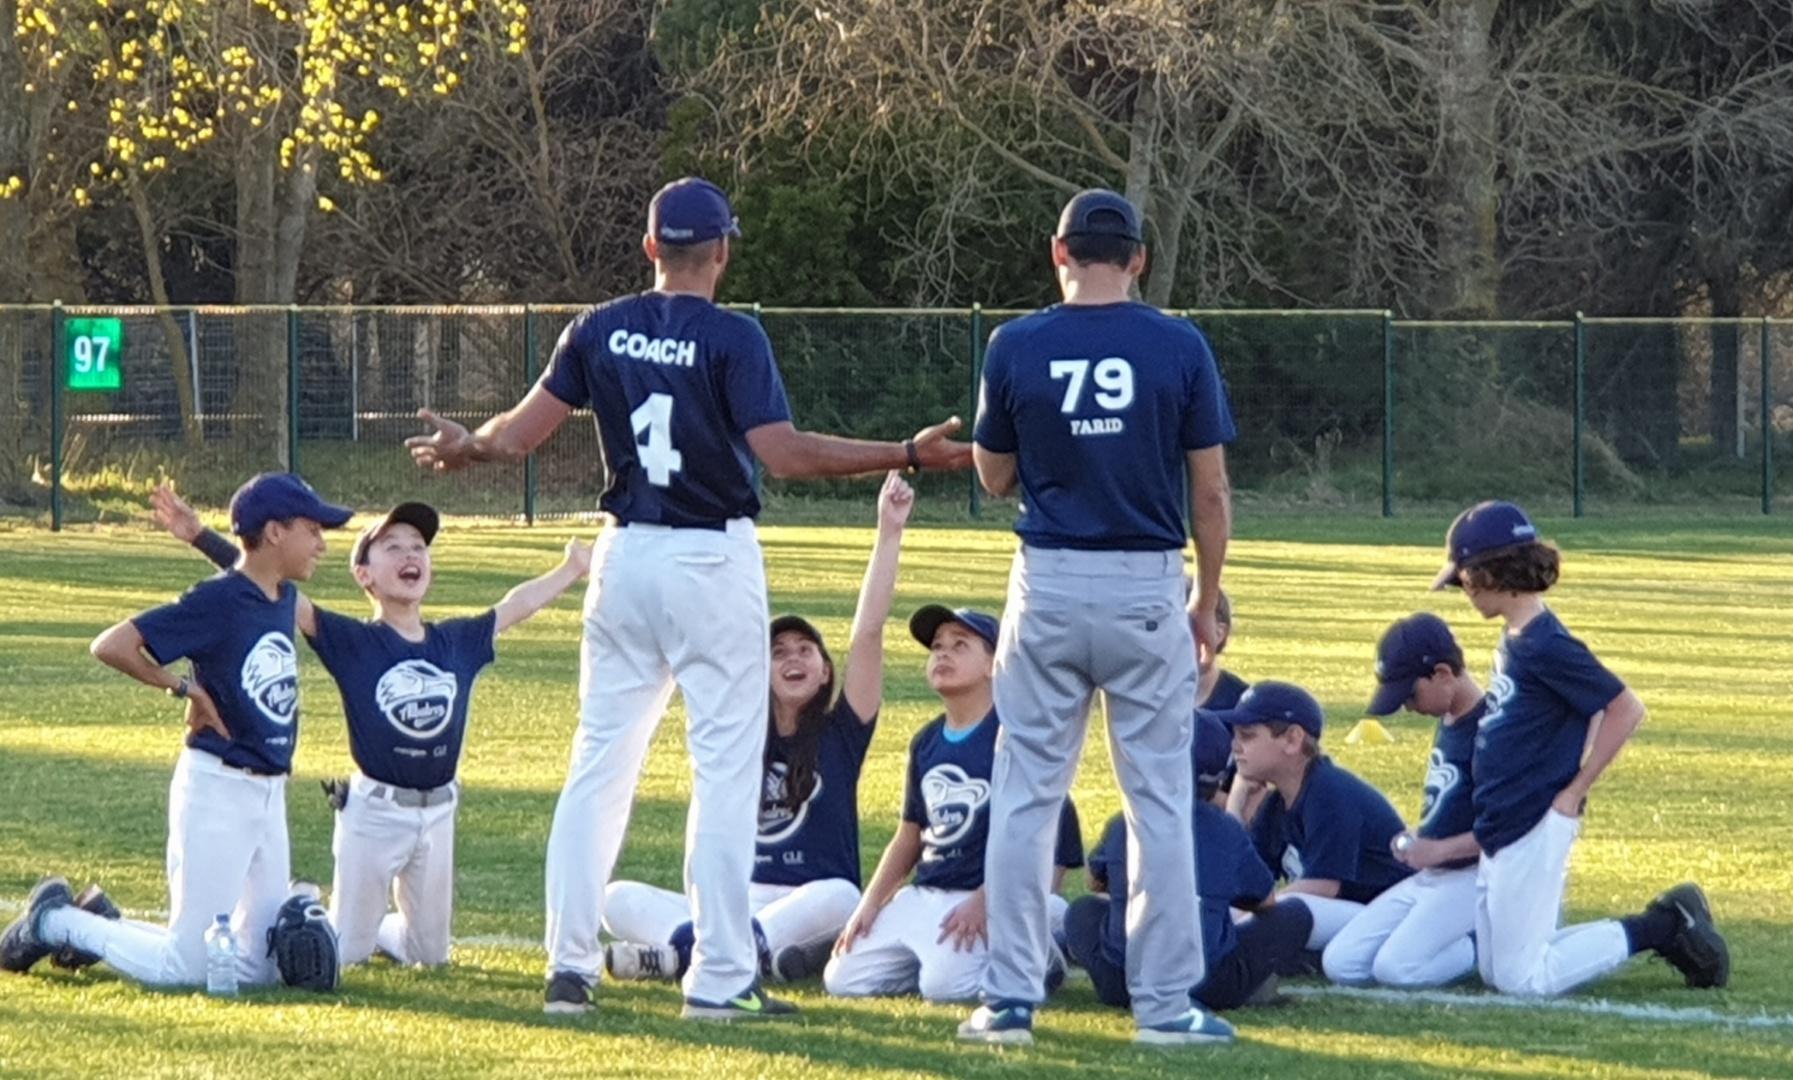 albatros-baseball-12U-23-03-19e